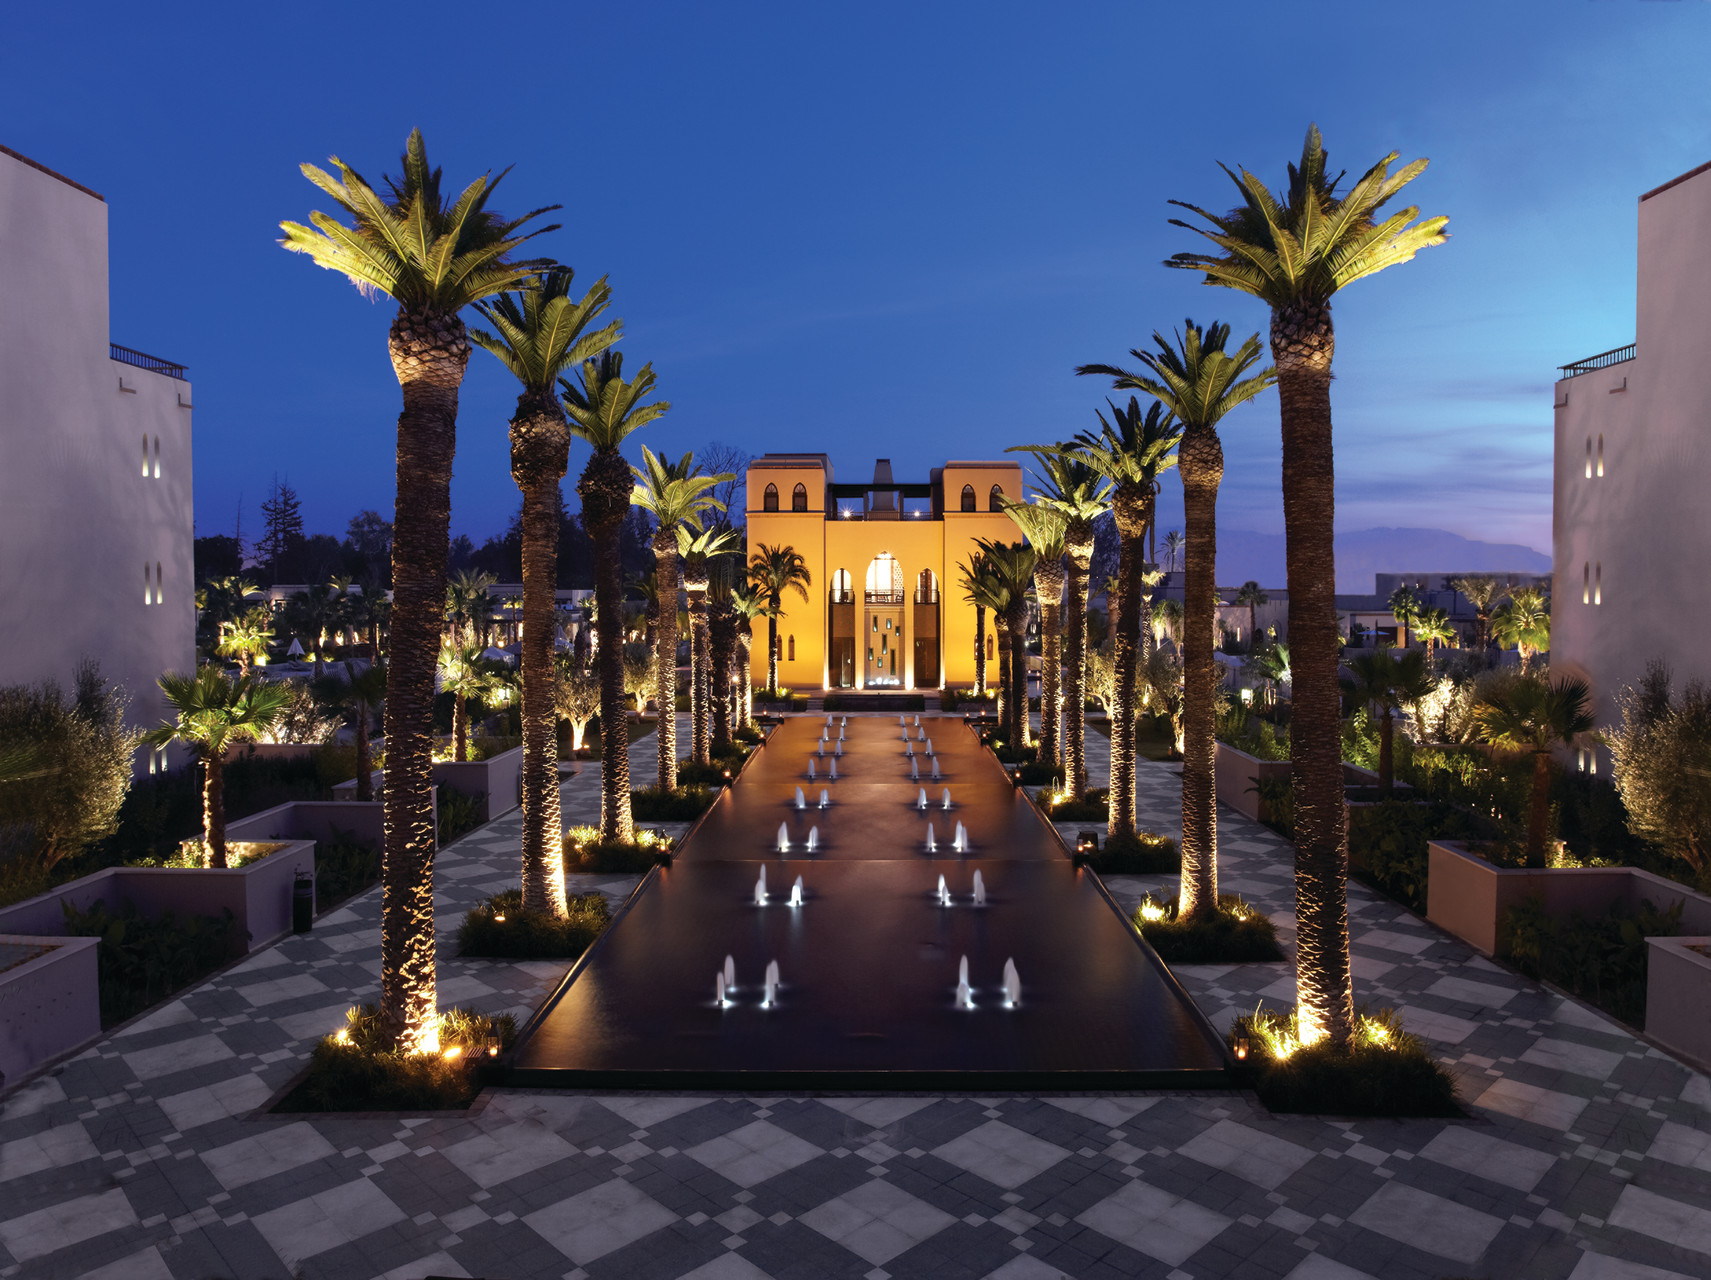 Marrakech_1.jpg